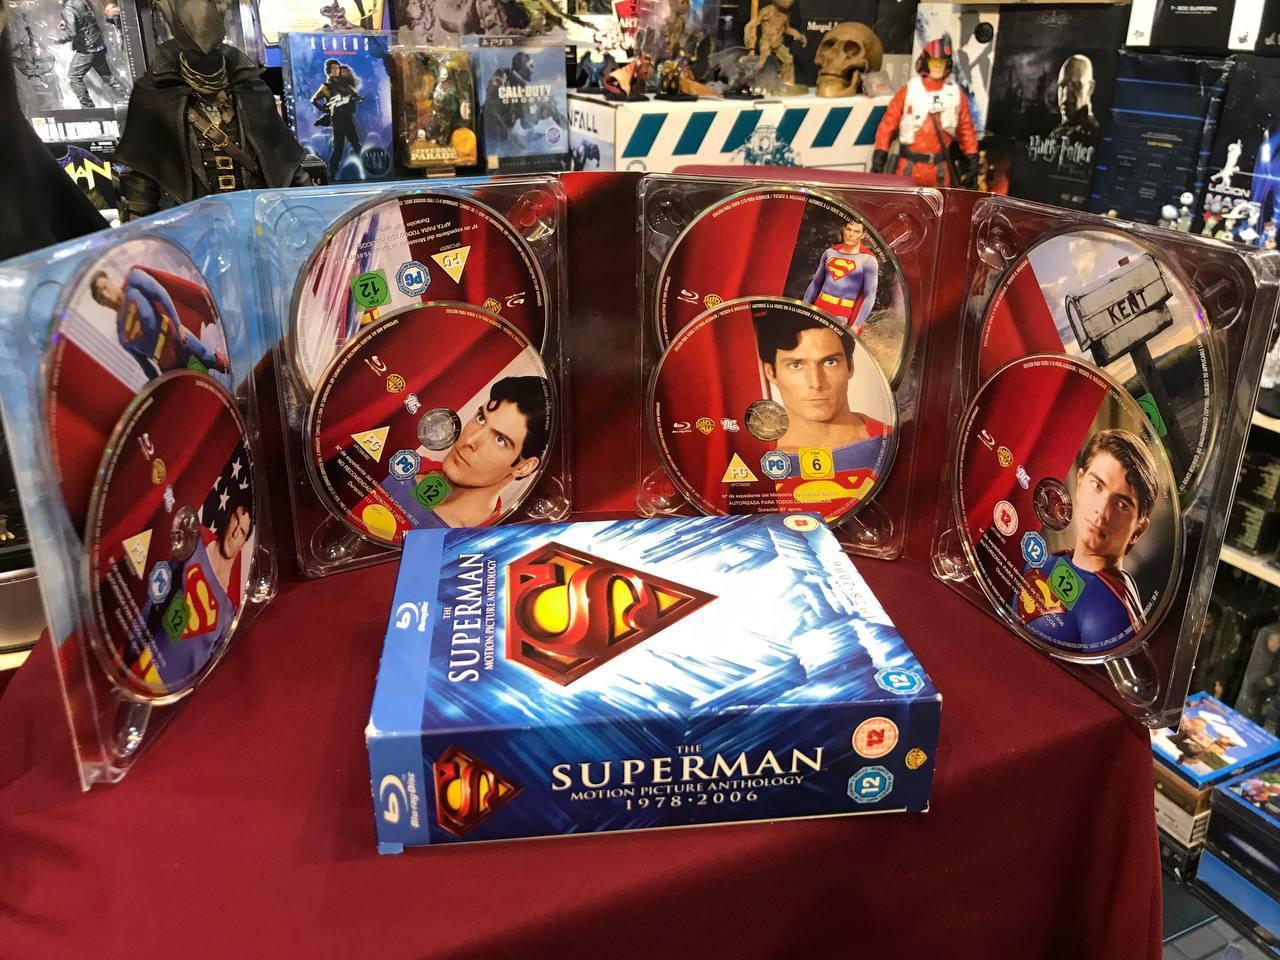 کالکشن کامل بلوری سوپرمن کریستوفر ریوز (9)